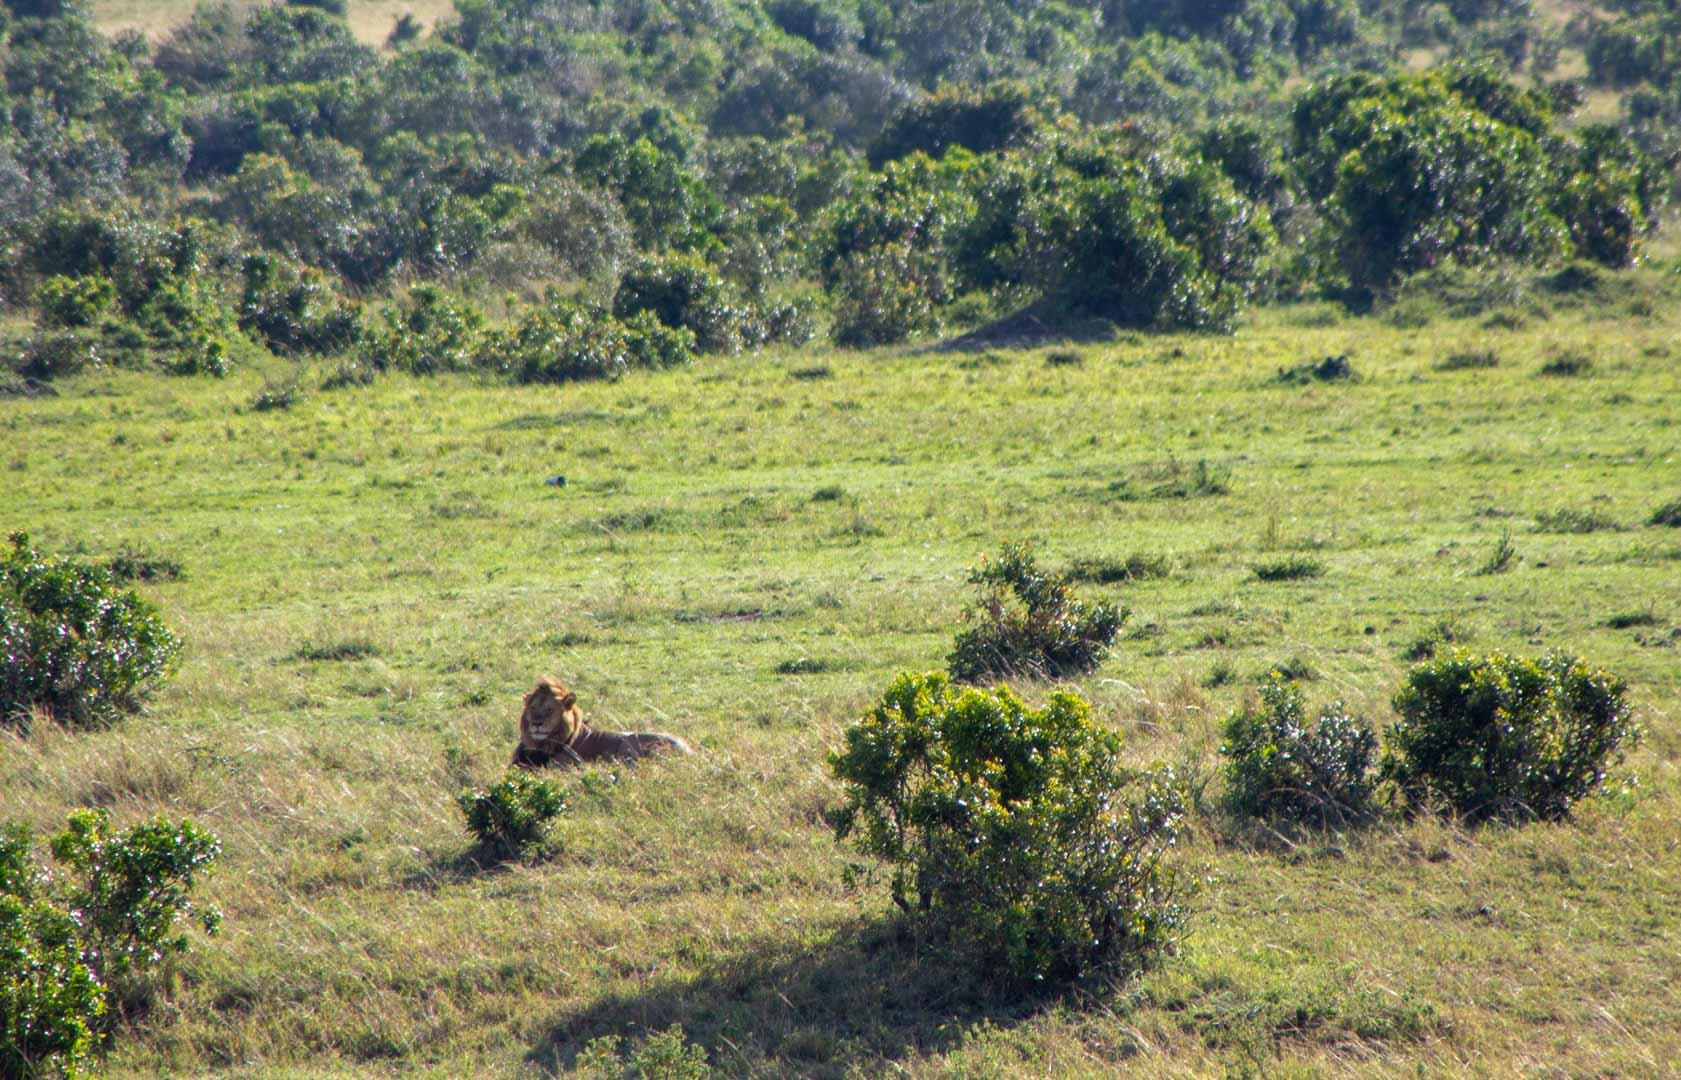 León descansando en Masai Mara, Kenia